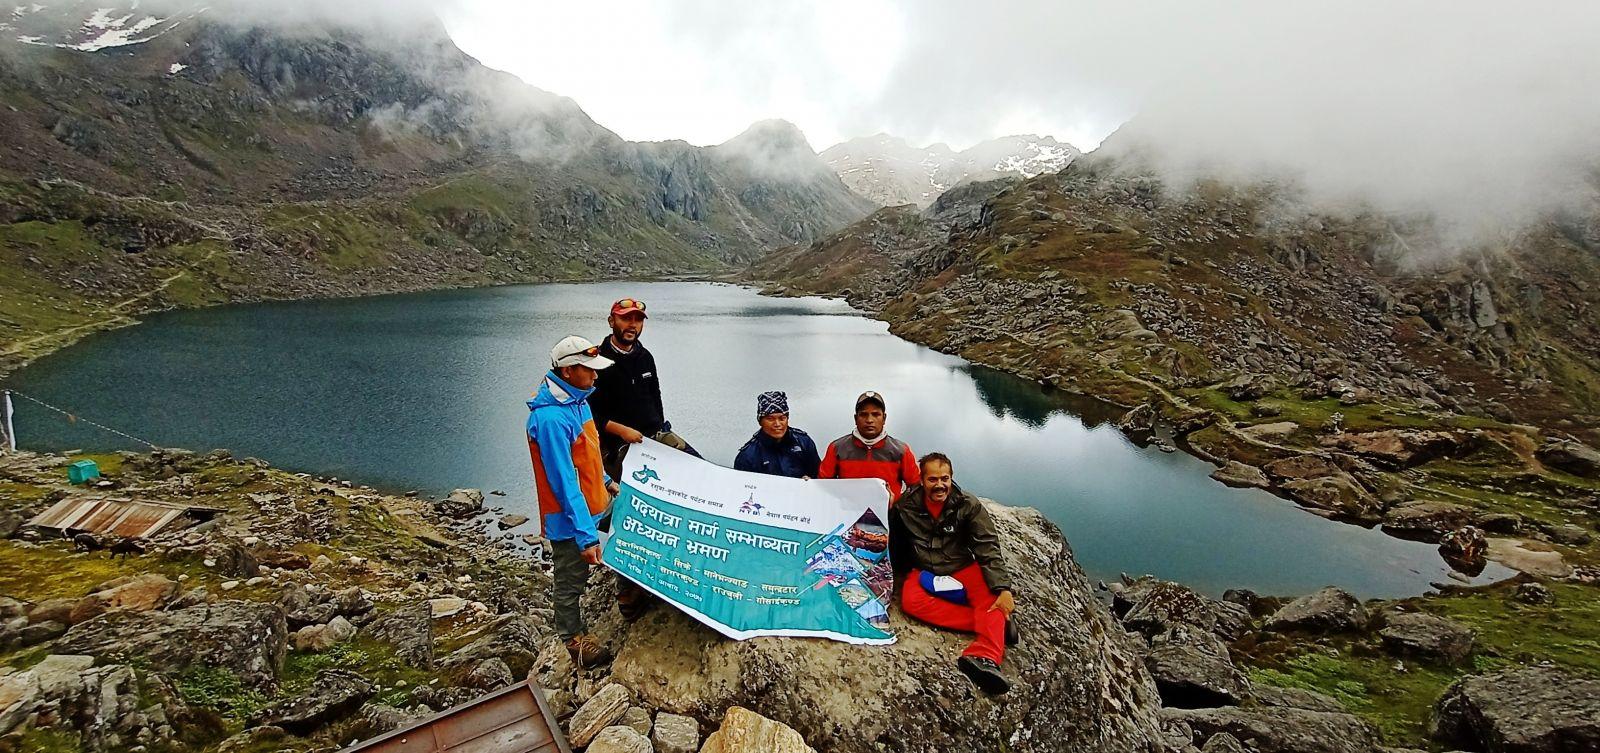 Budhanilkantha-Rauchuli-Gosaikunda Footpath for trek